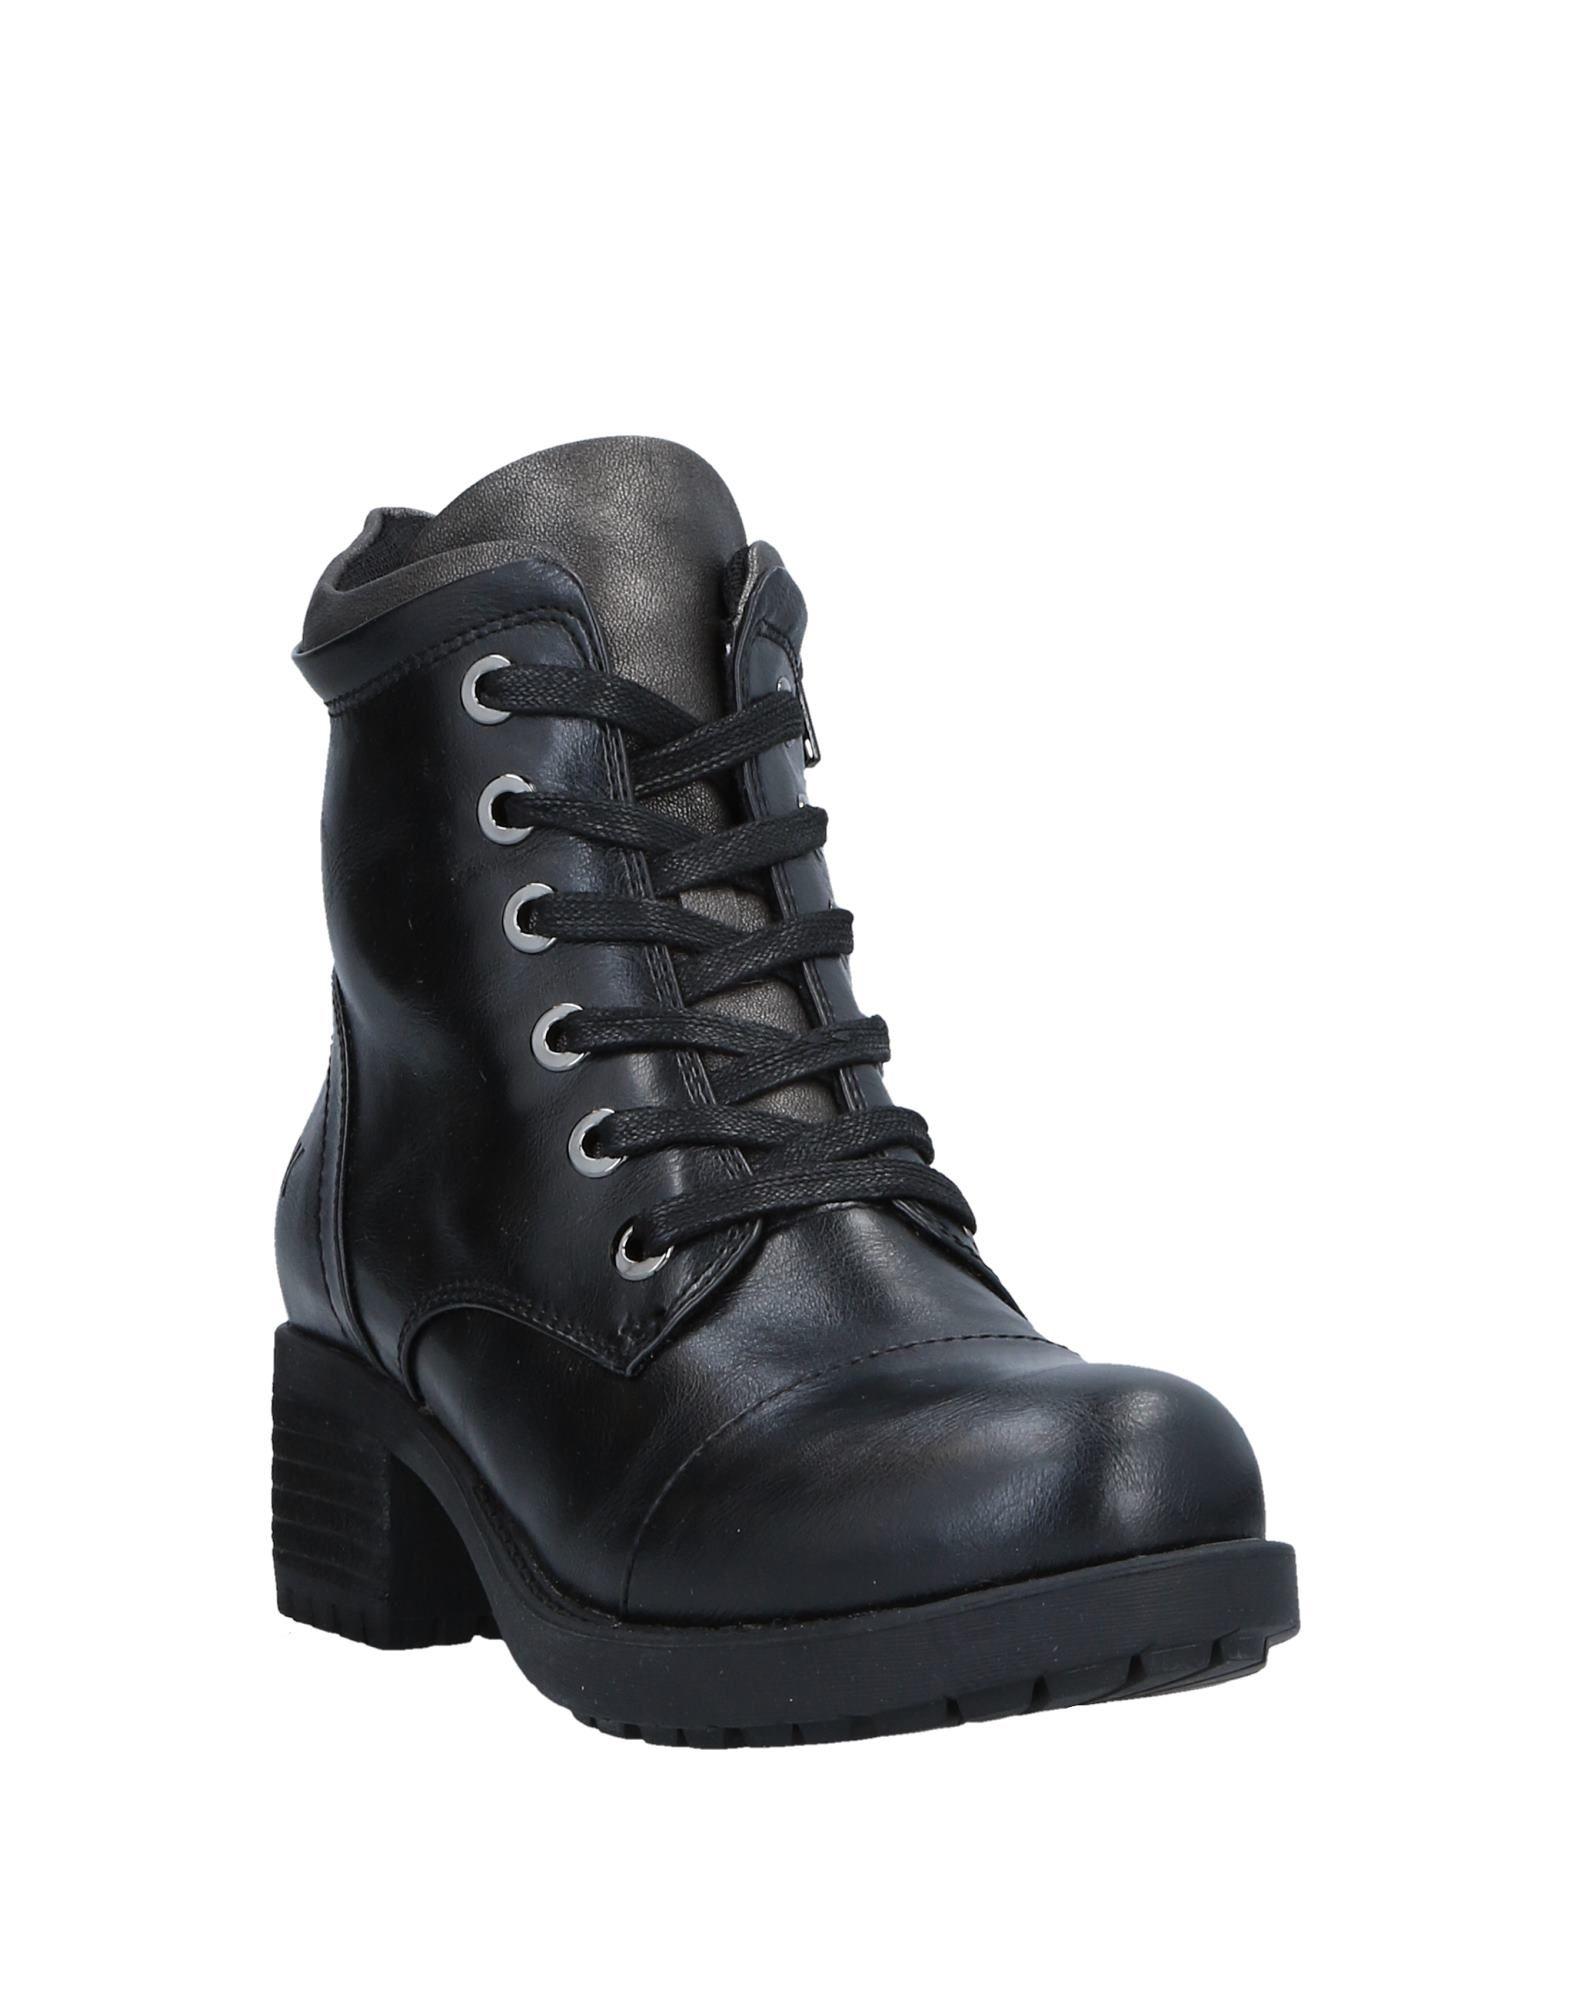 Lumberjack Stiefelette Damen  11518668BV Gute Qualität beliebte Schuhe